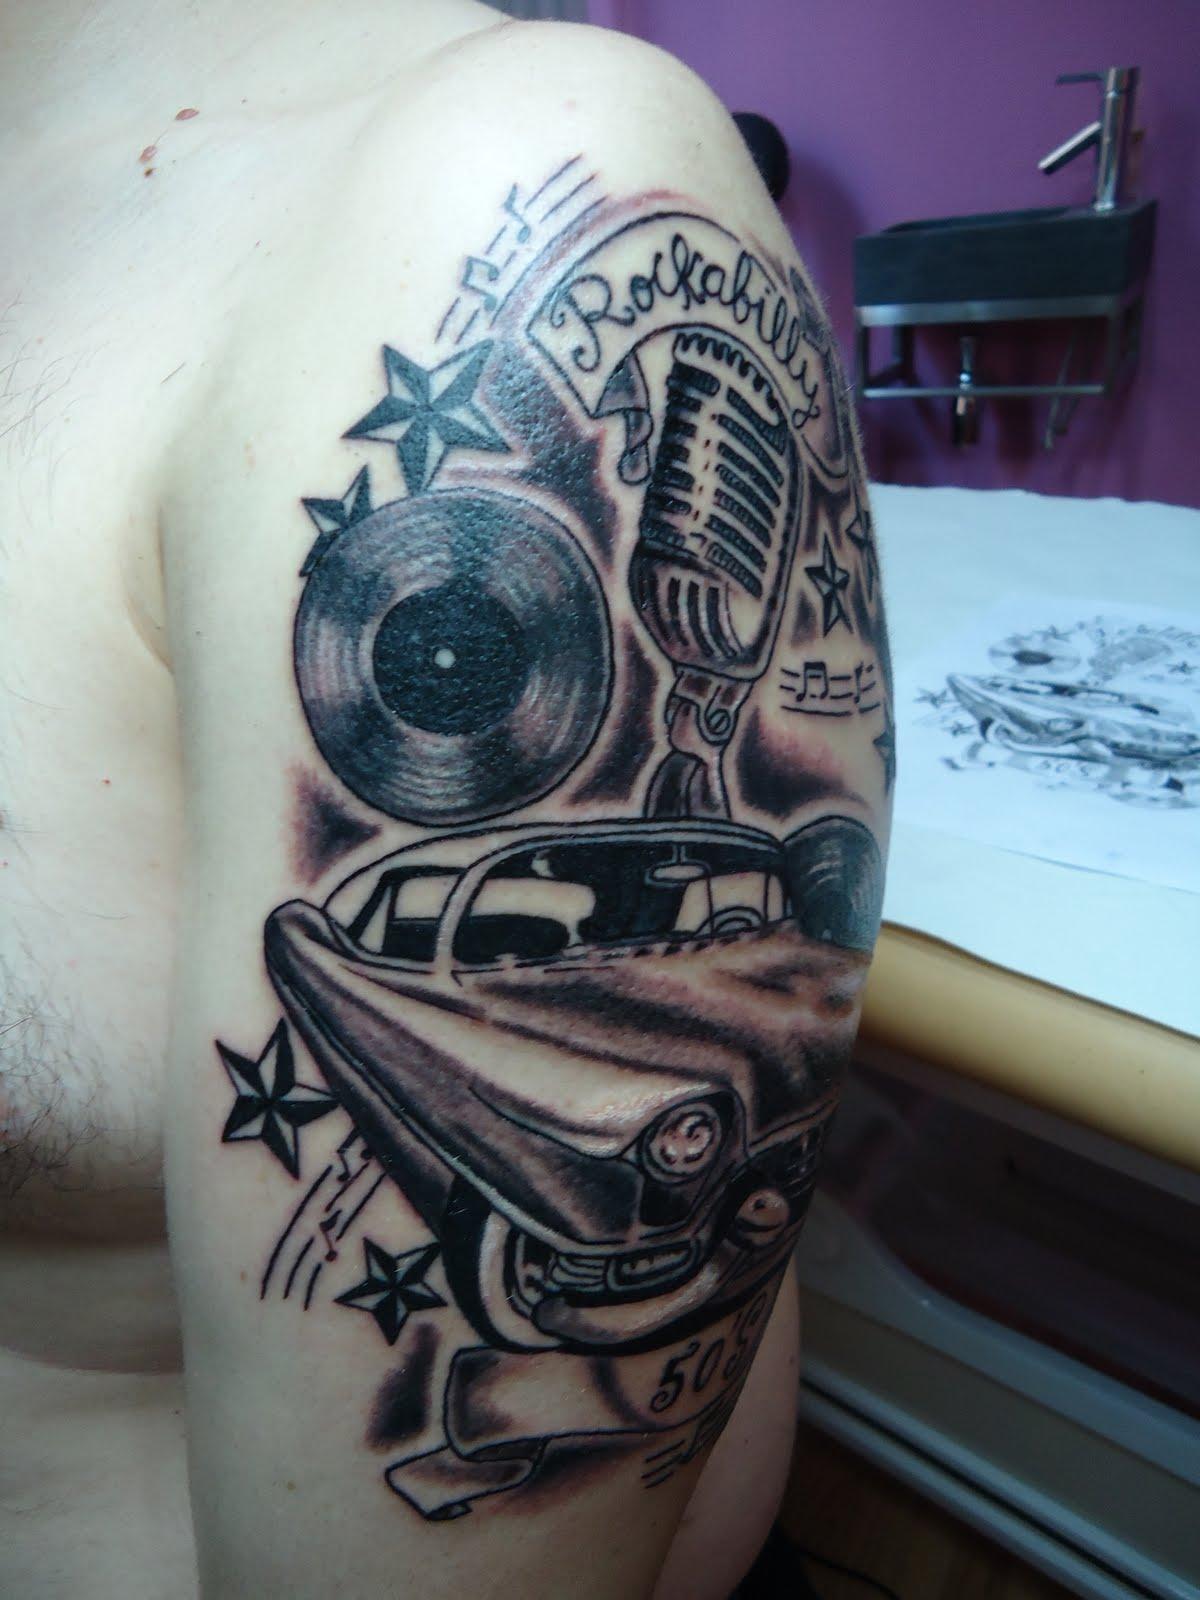 Rockabilly Tattoo Vorlagen Suchergebnisse F R 39 Rockabilly 39